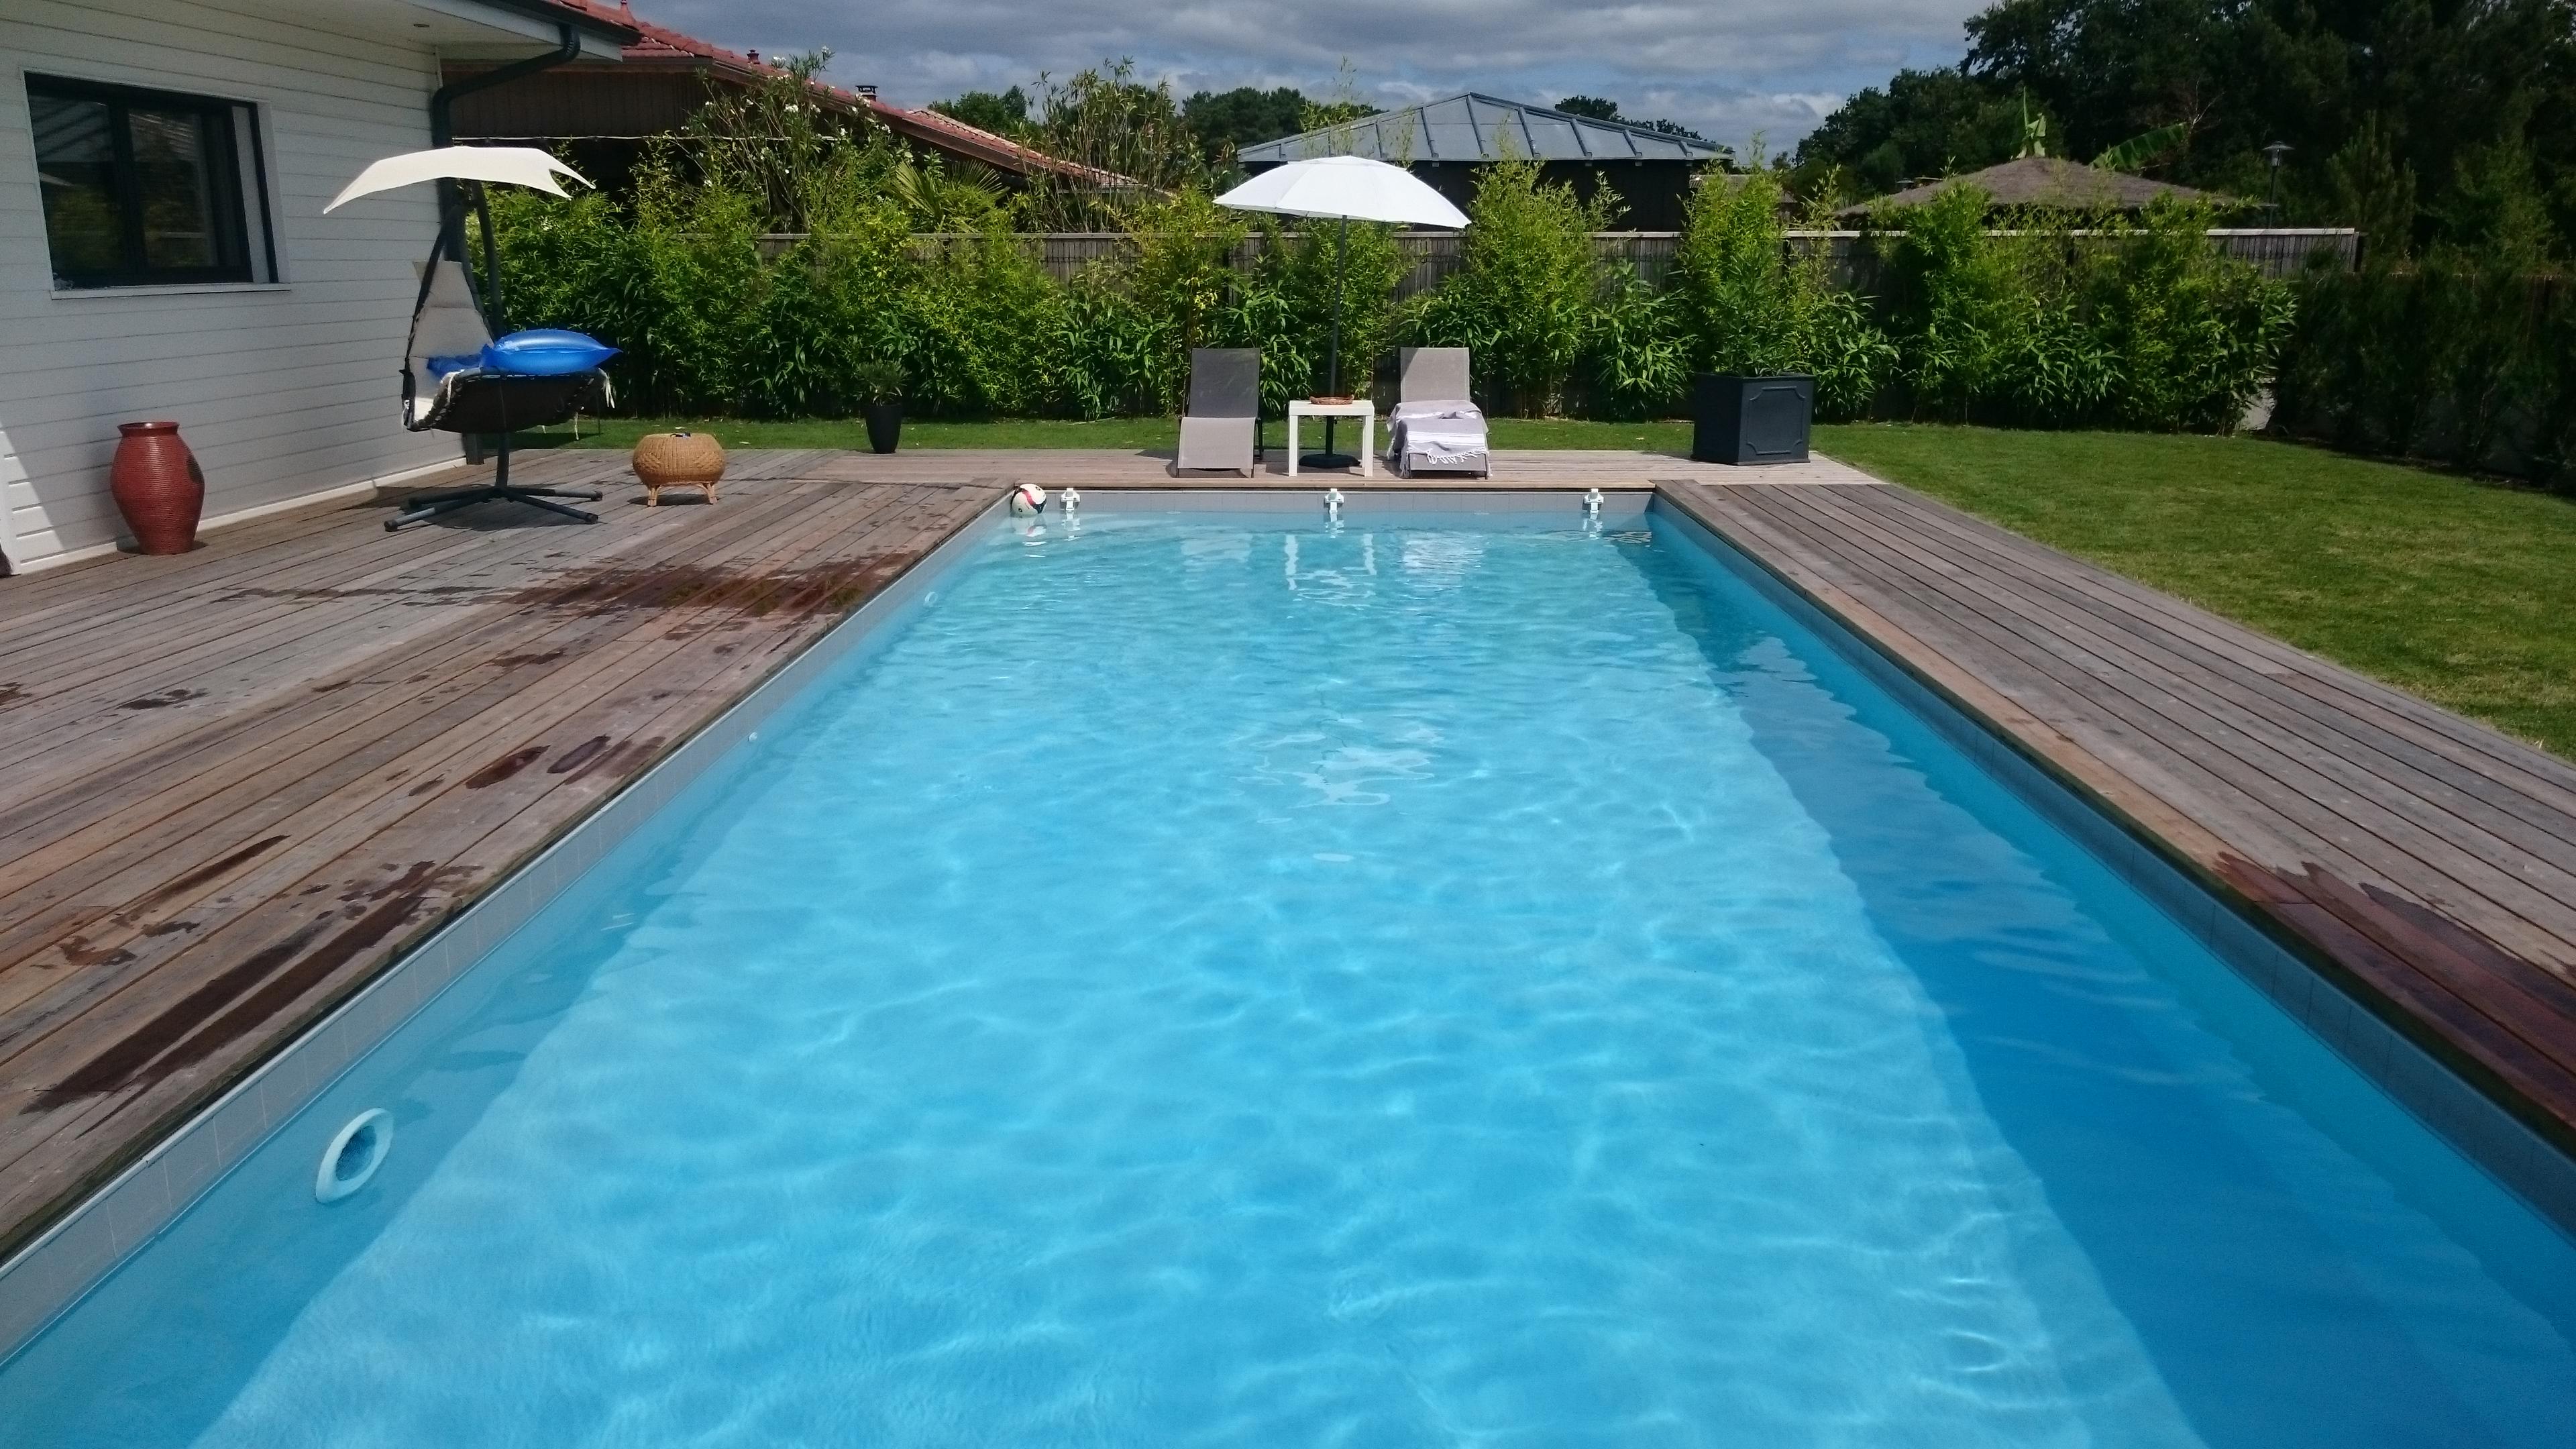 ClodoBall : Découvrez le jeu de l'été autour de la piscine !